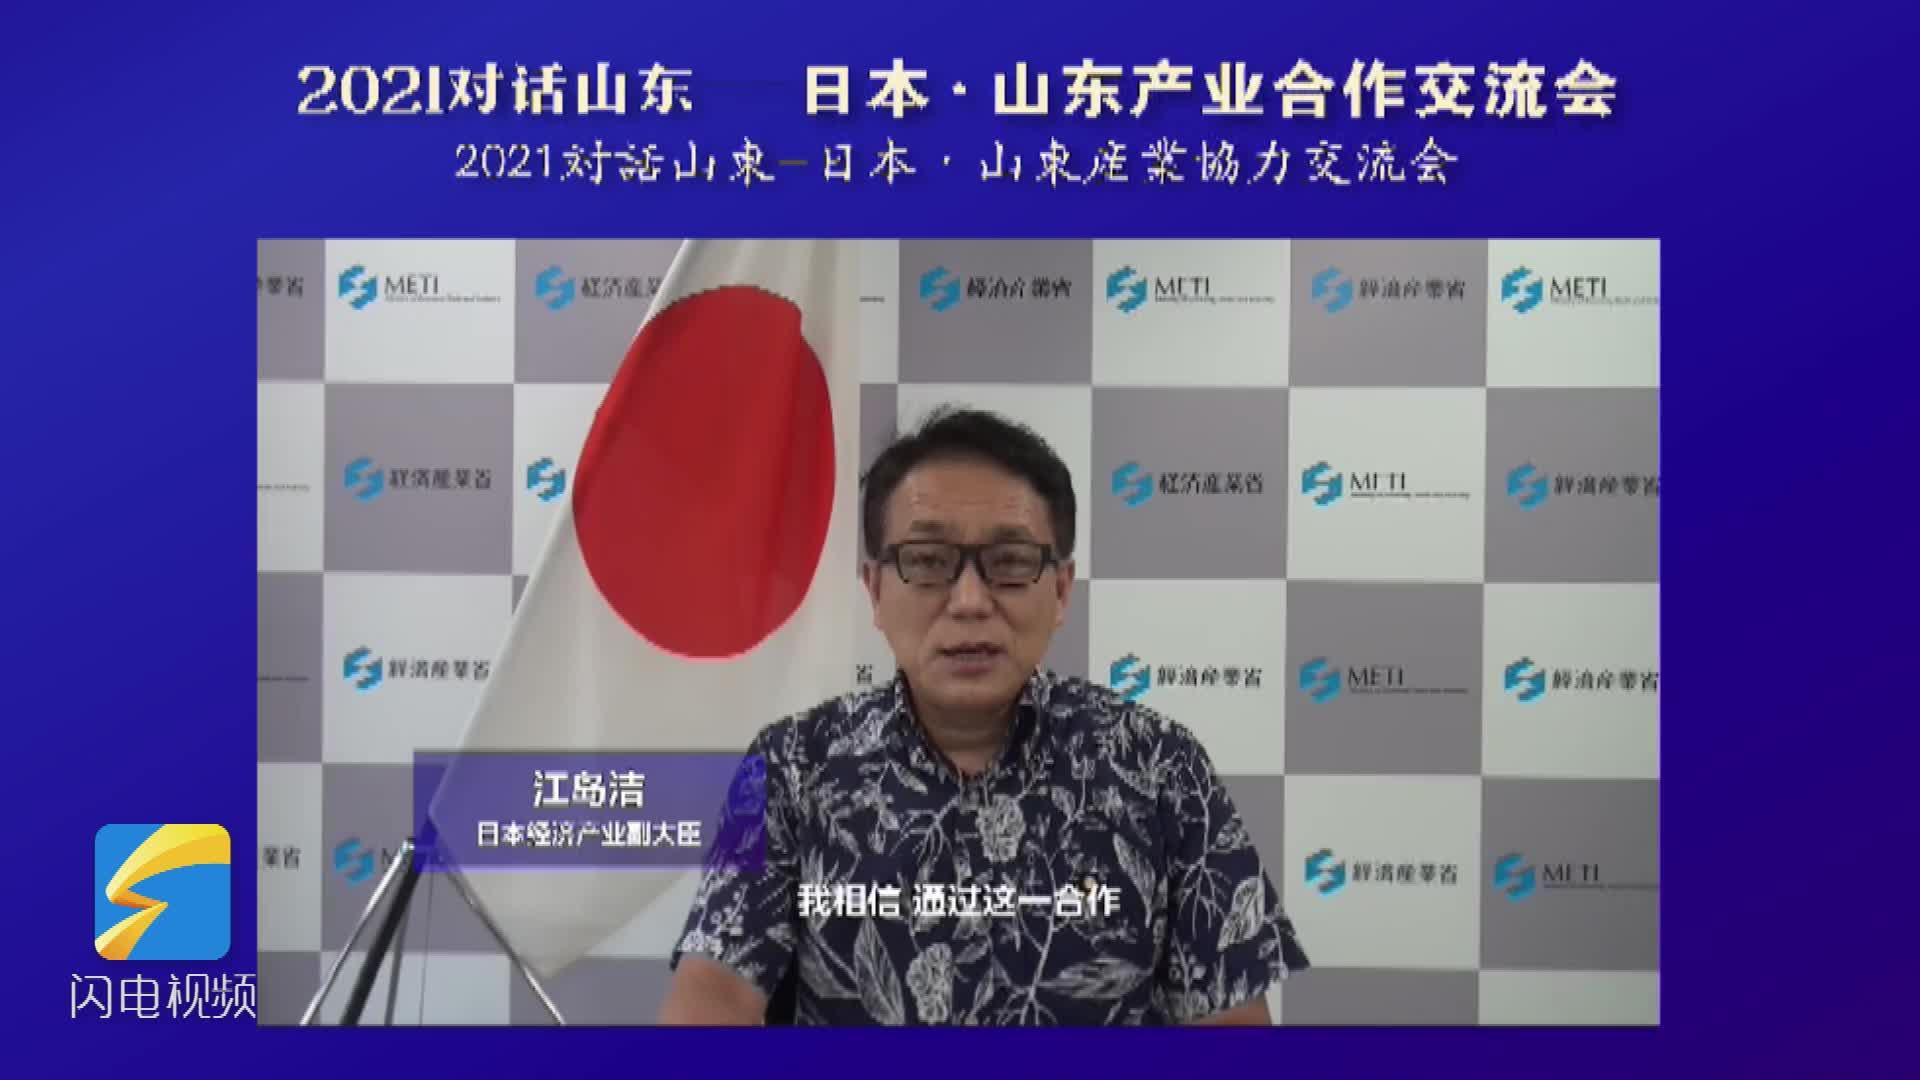 2021对话山东|日本经济产业副大臣江岛洁:中日合作挑战早日实现碳中和的远大目标